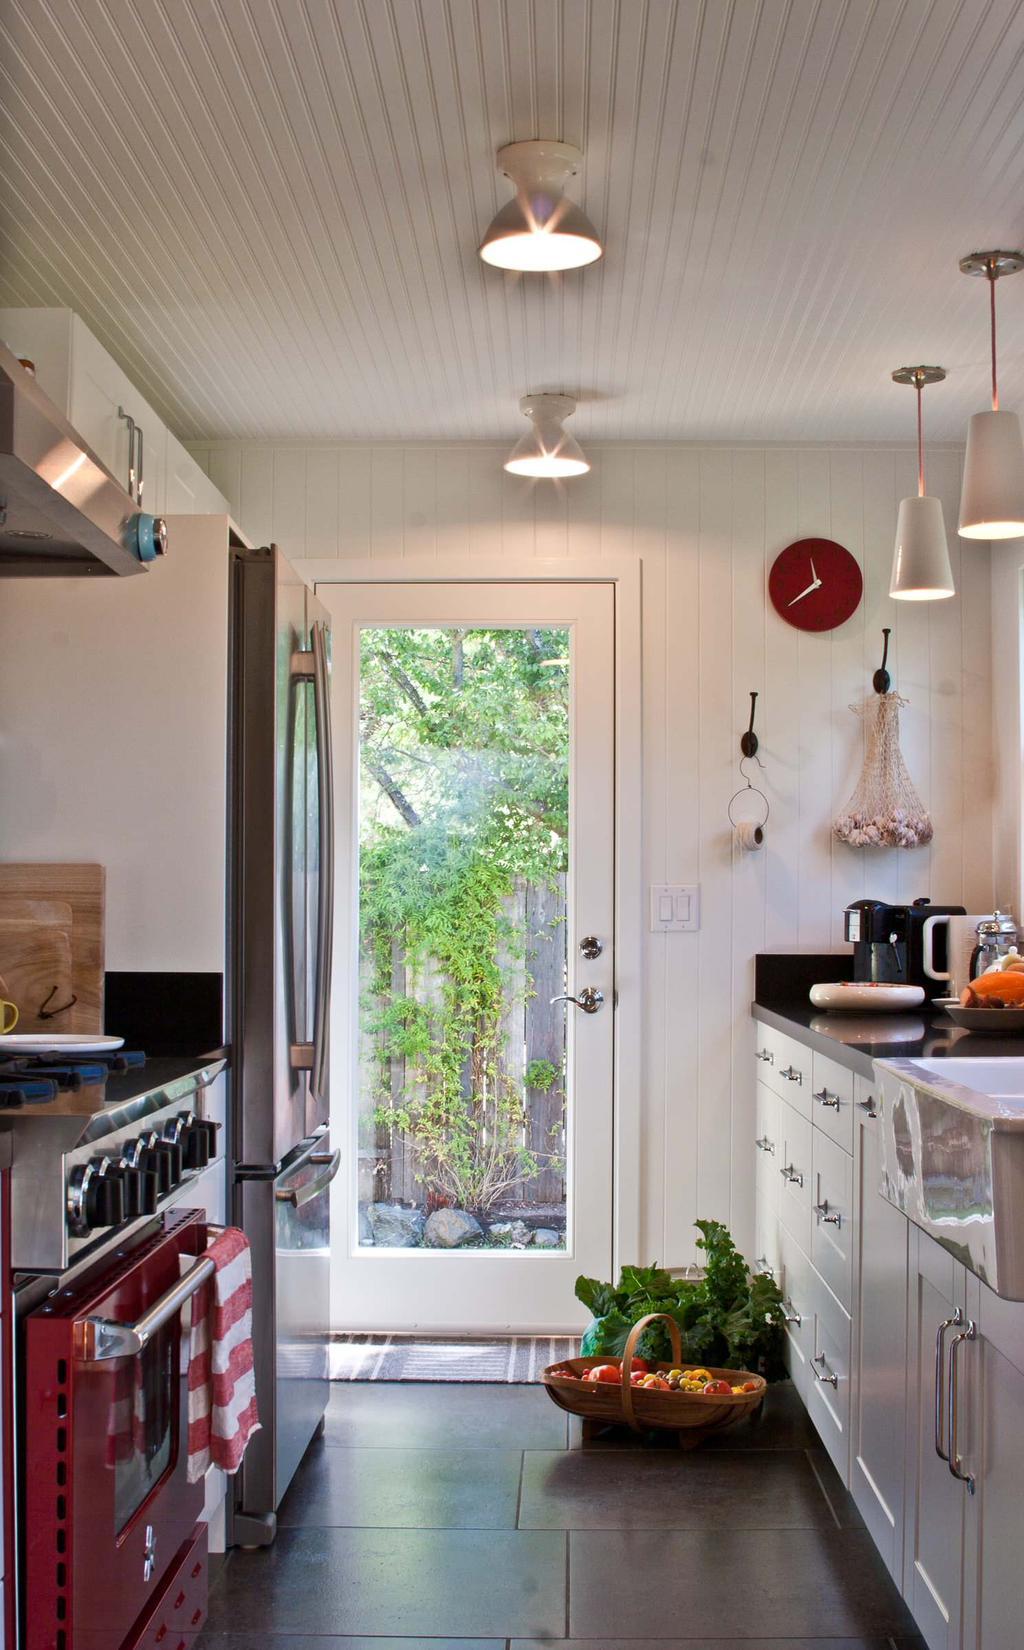 Стильный дизайн интерьера кухни от Amy A. Alper